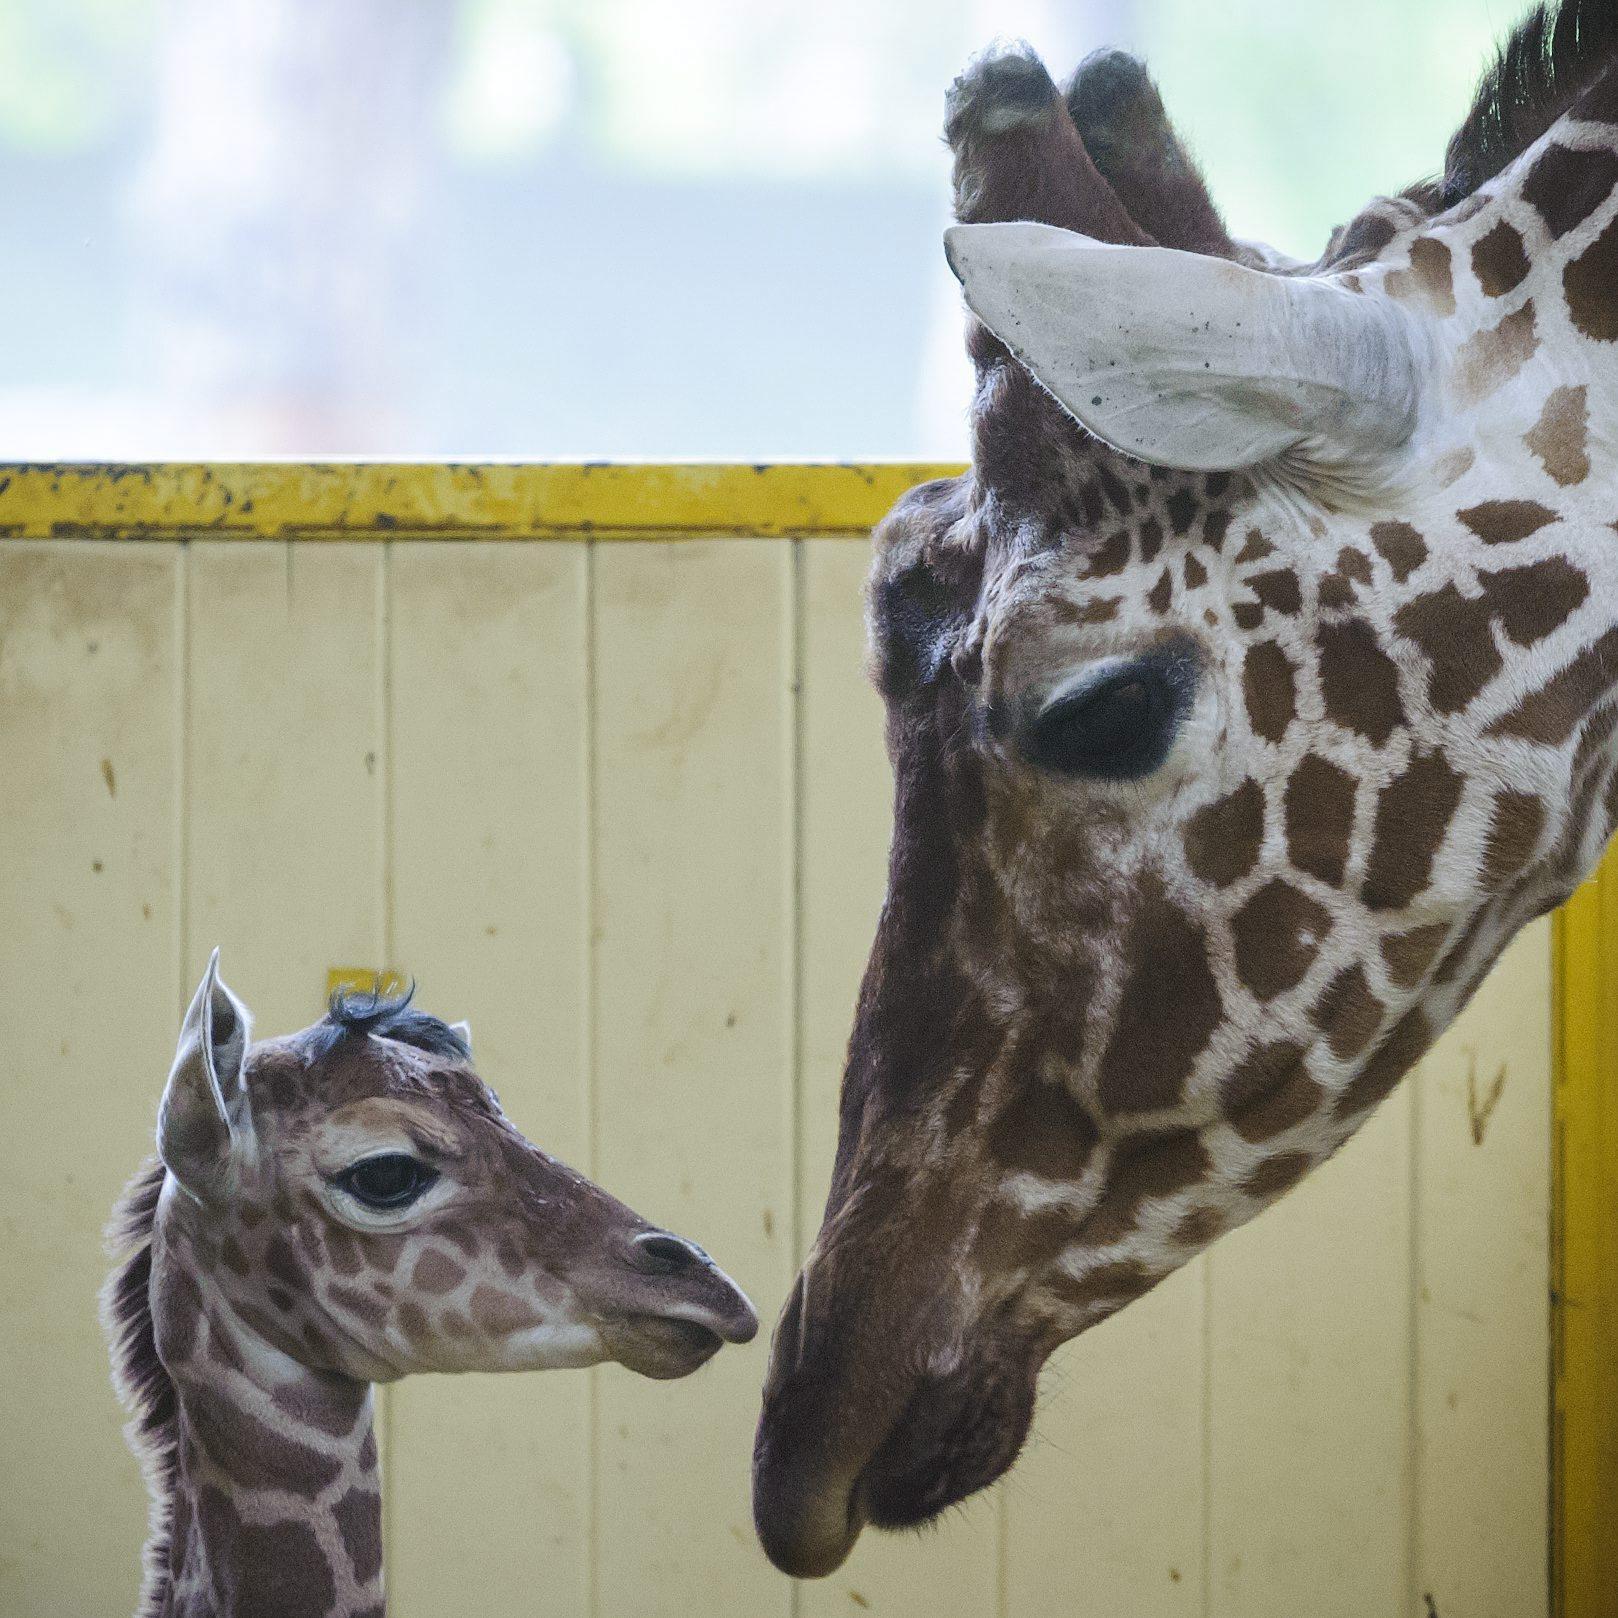 Elpusztult a debreceni állatkert 18 napos kis zsiráfja